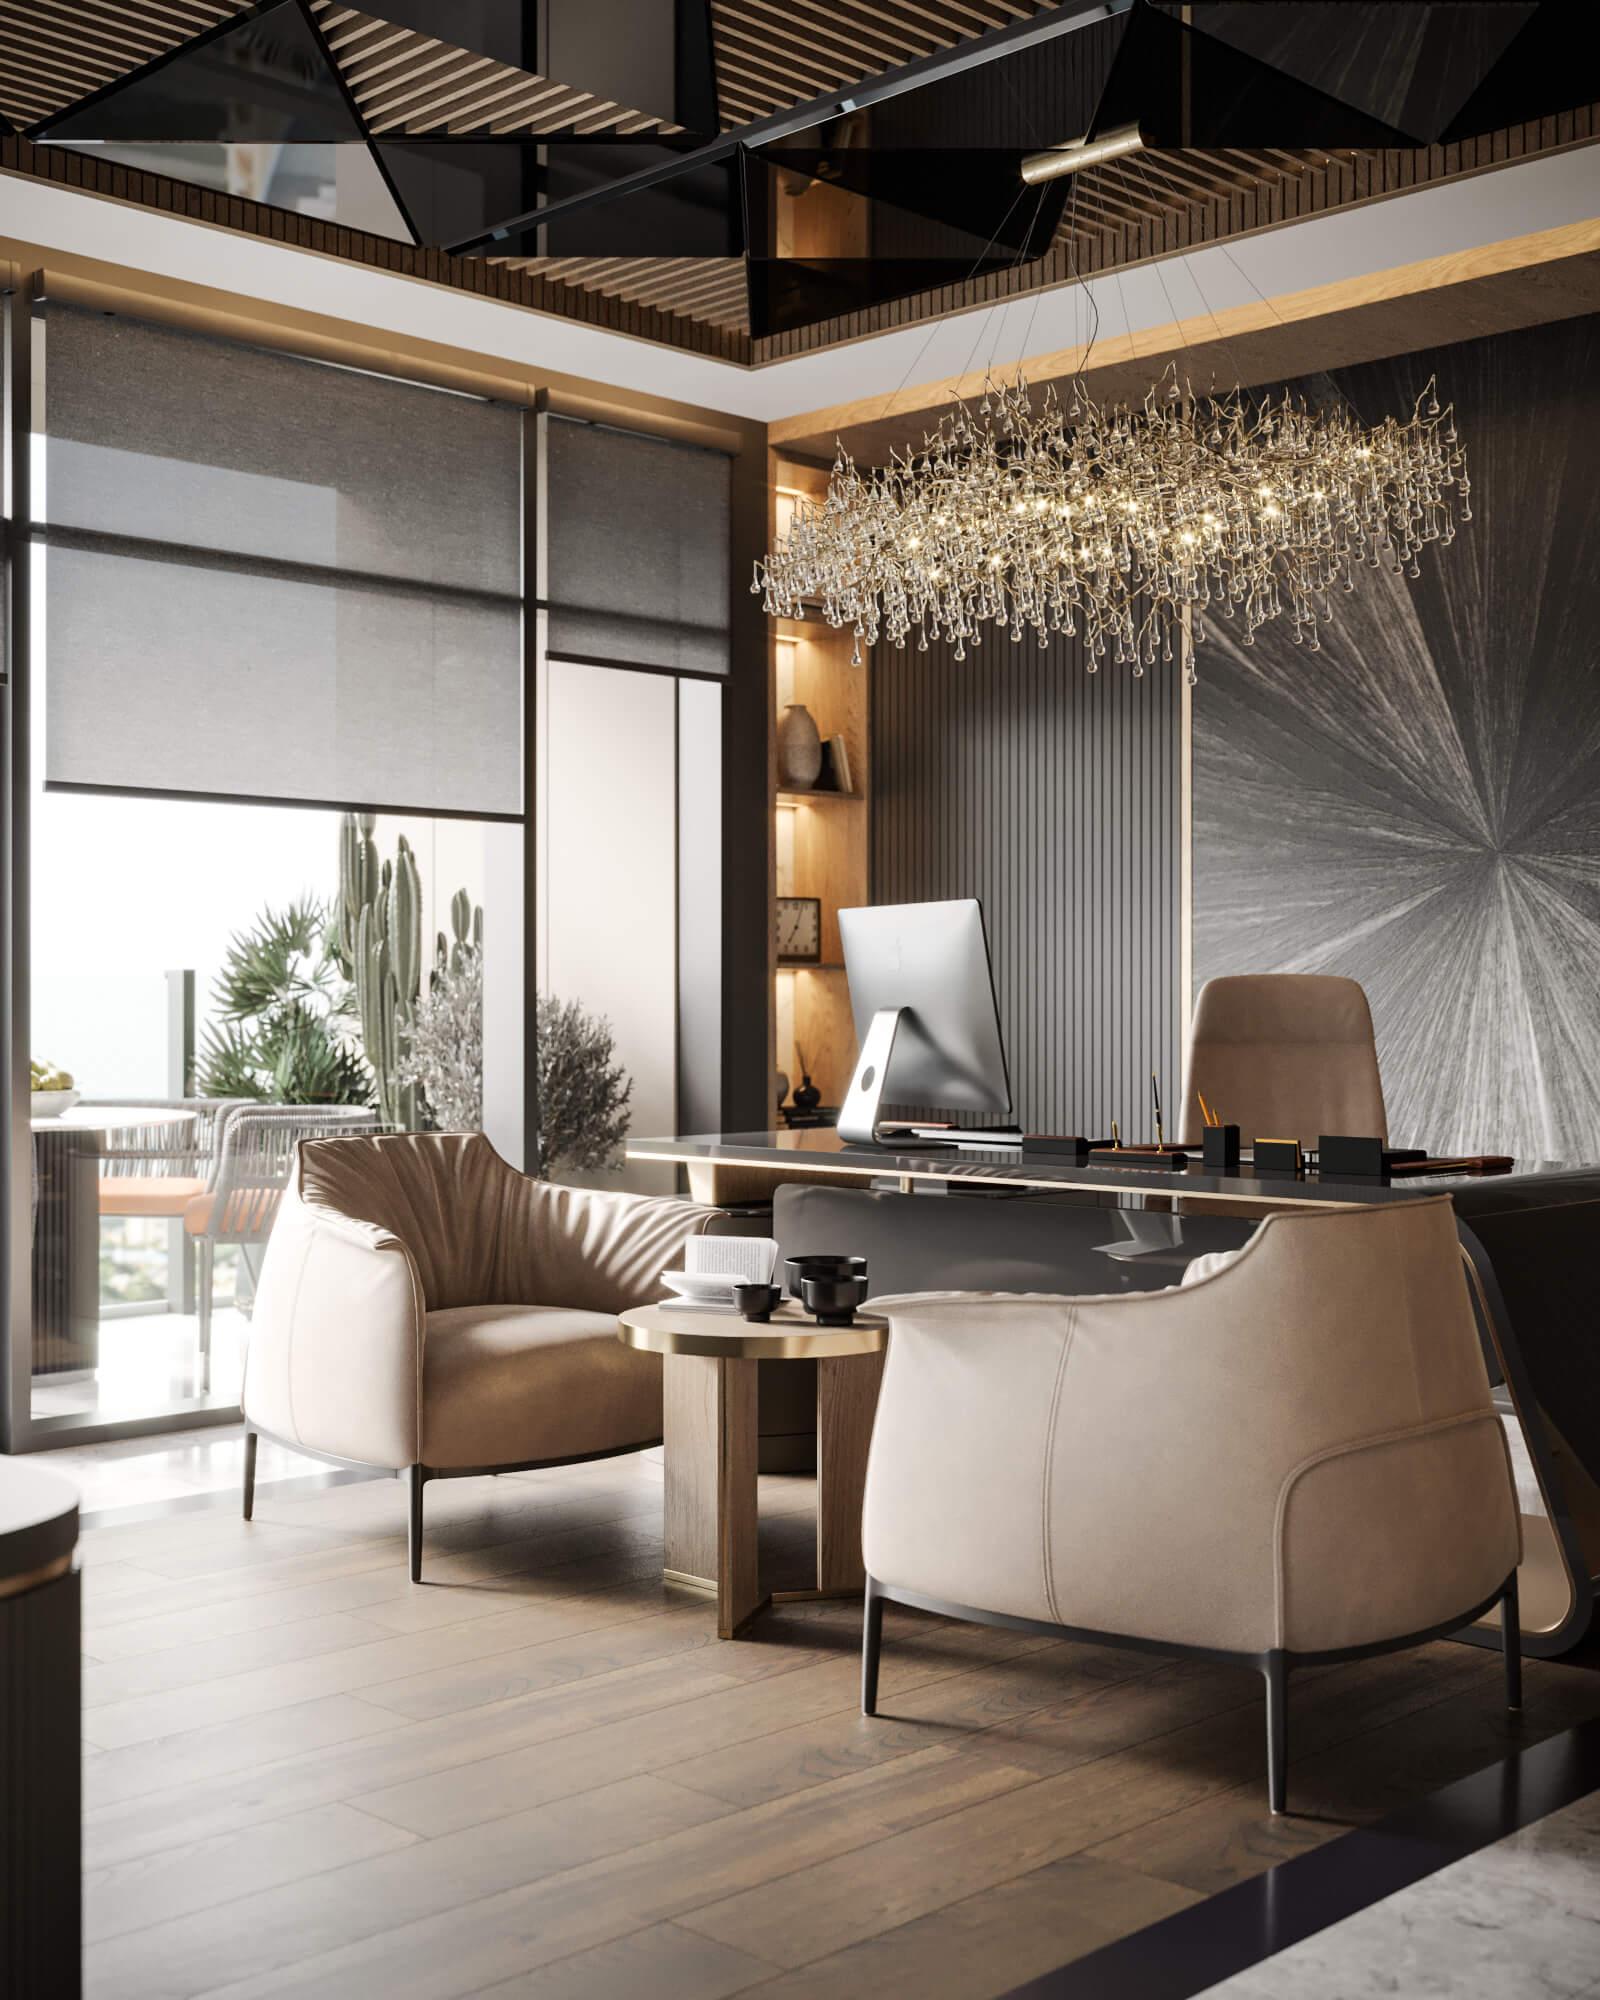 ofis dekorasyonu 4595 Mahall Ankara Ofisler